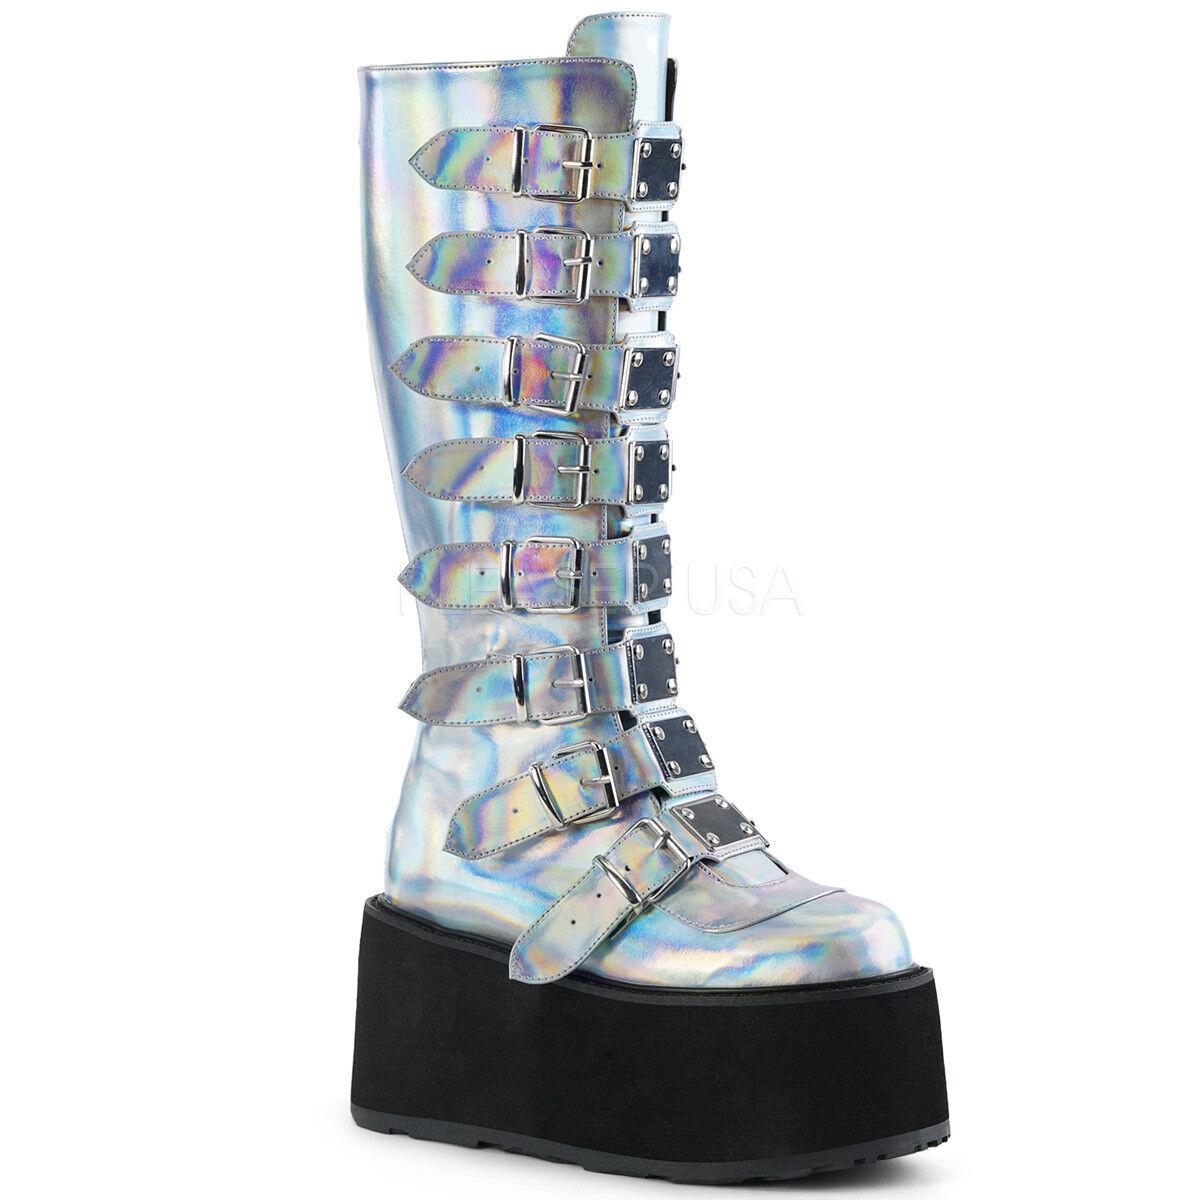 Demonia 3.5  Platform Damned Silver Hologram Buckle Knee Boots 6 7 8 9 10 11 12